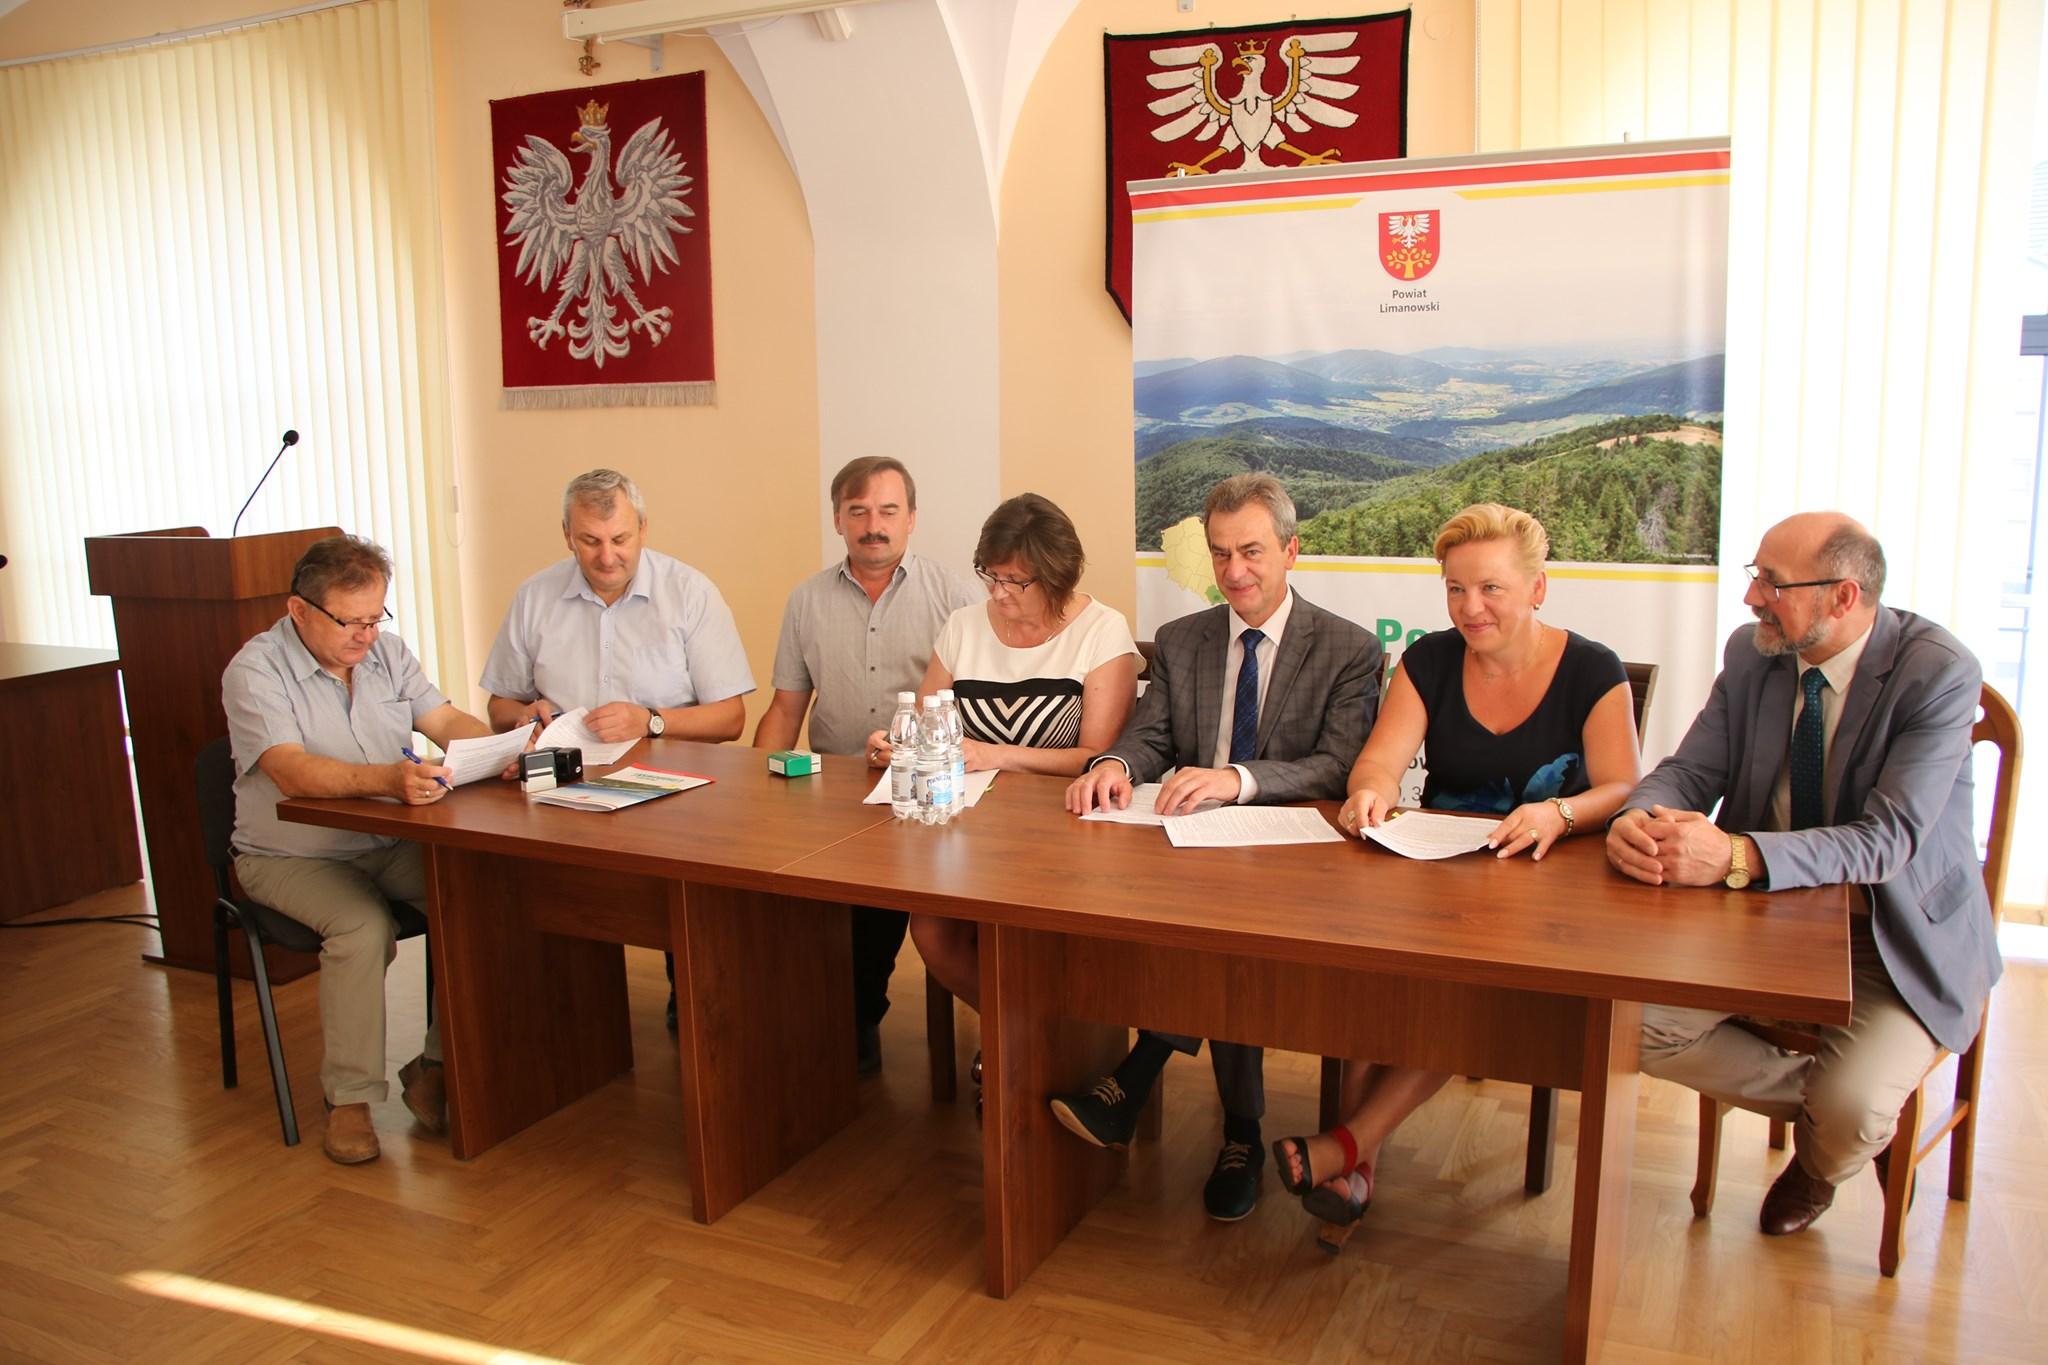 Podpisano umowę na przebudowę mostu w centrum Męciny - zdjęcie główne